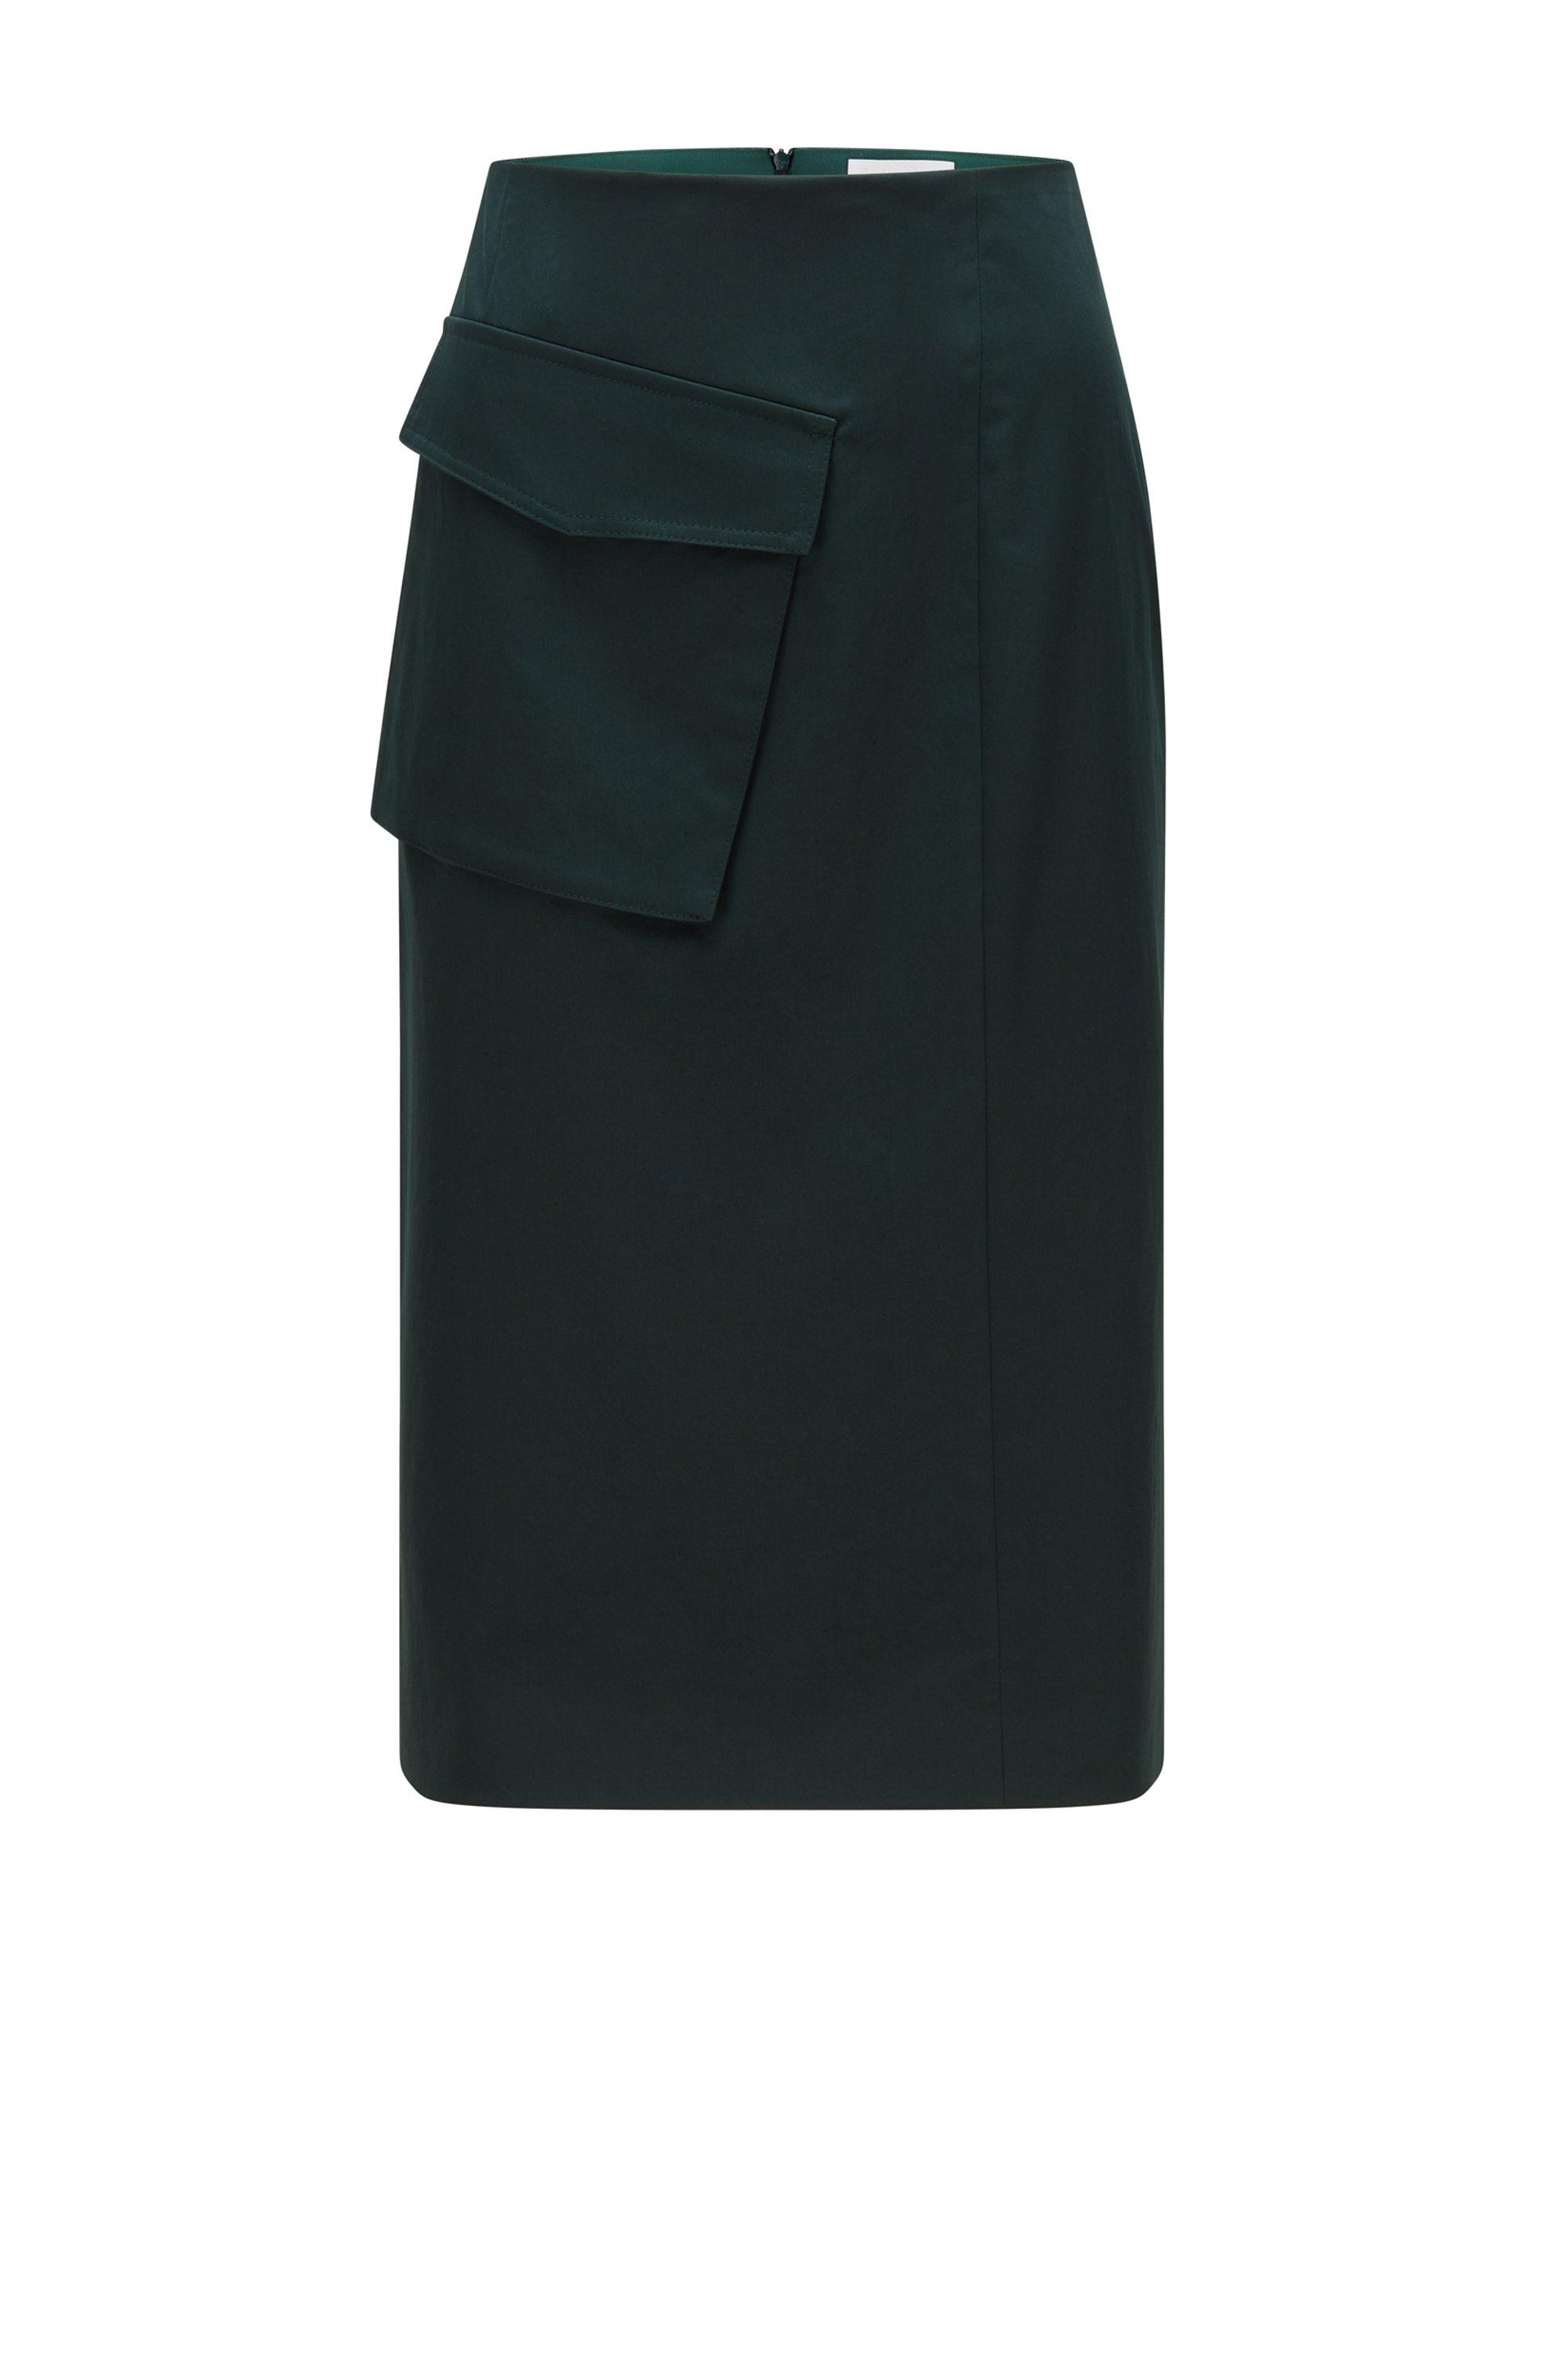 Jupe crayon en coton biologique stretch avec poche asymétrique, Vert sombre